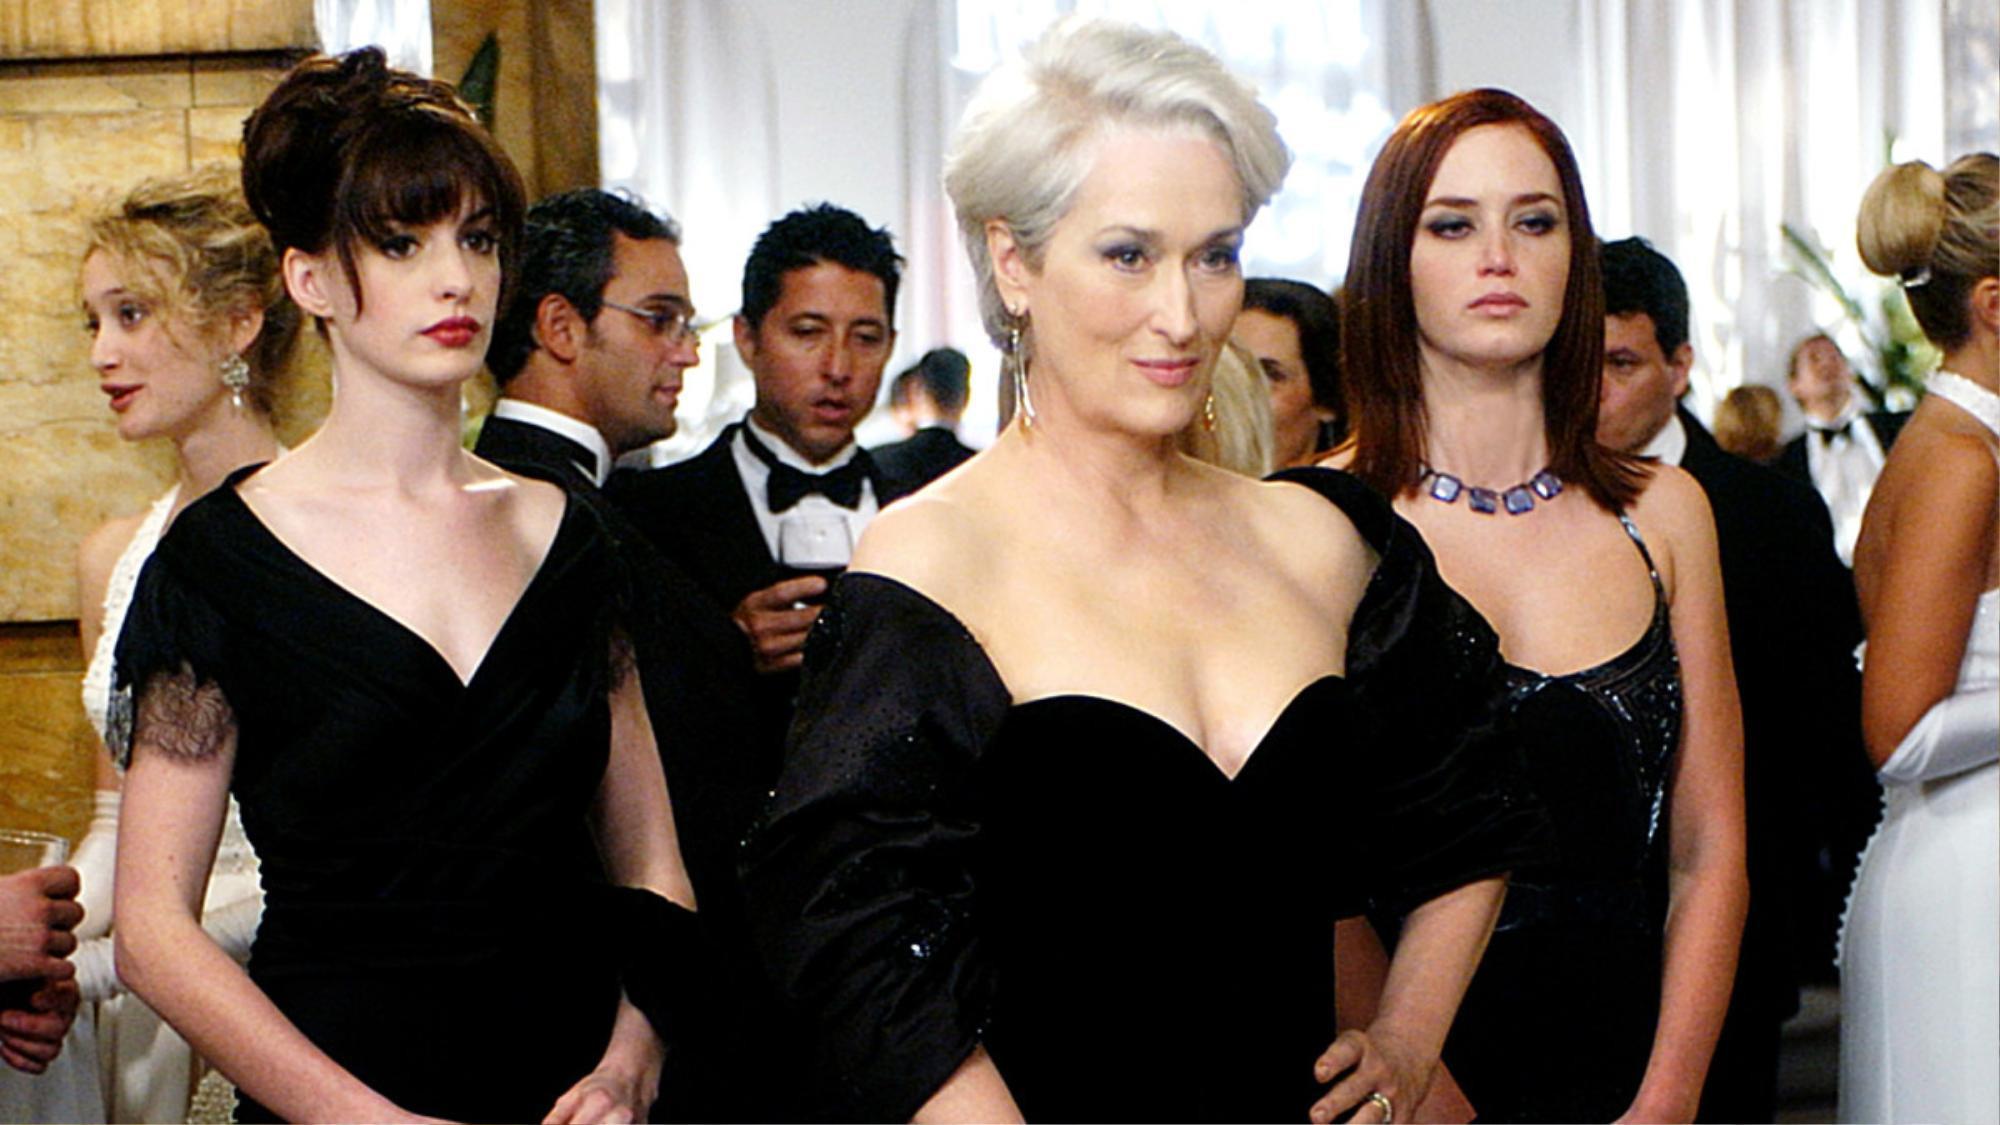 Những bộ phim có thời trang siêu đẹp, liệu đúng với ngoài đời thật? Ảnh 2